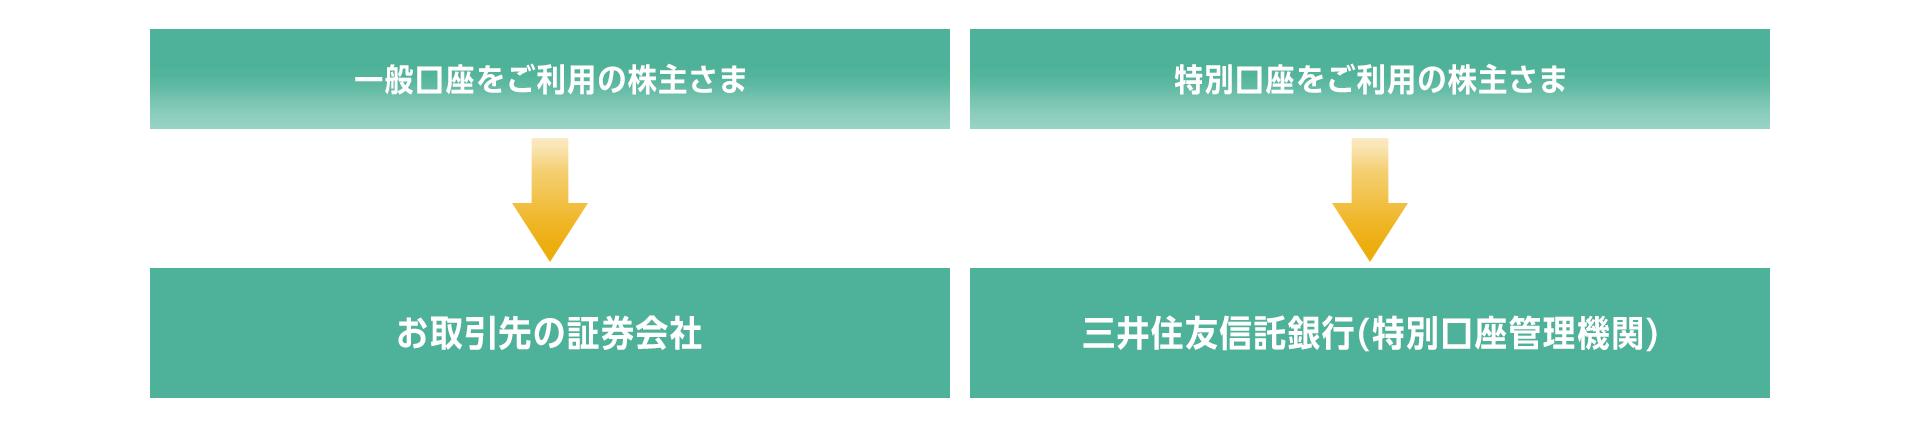 富士フイルム の 株価 診断